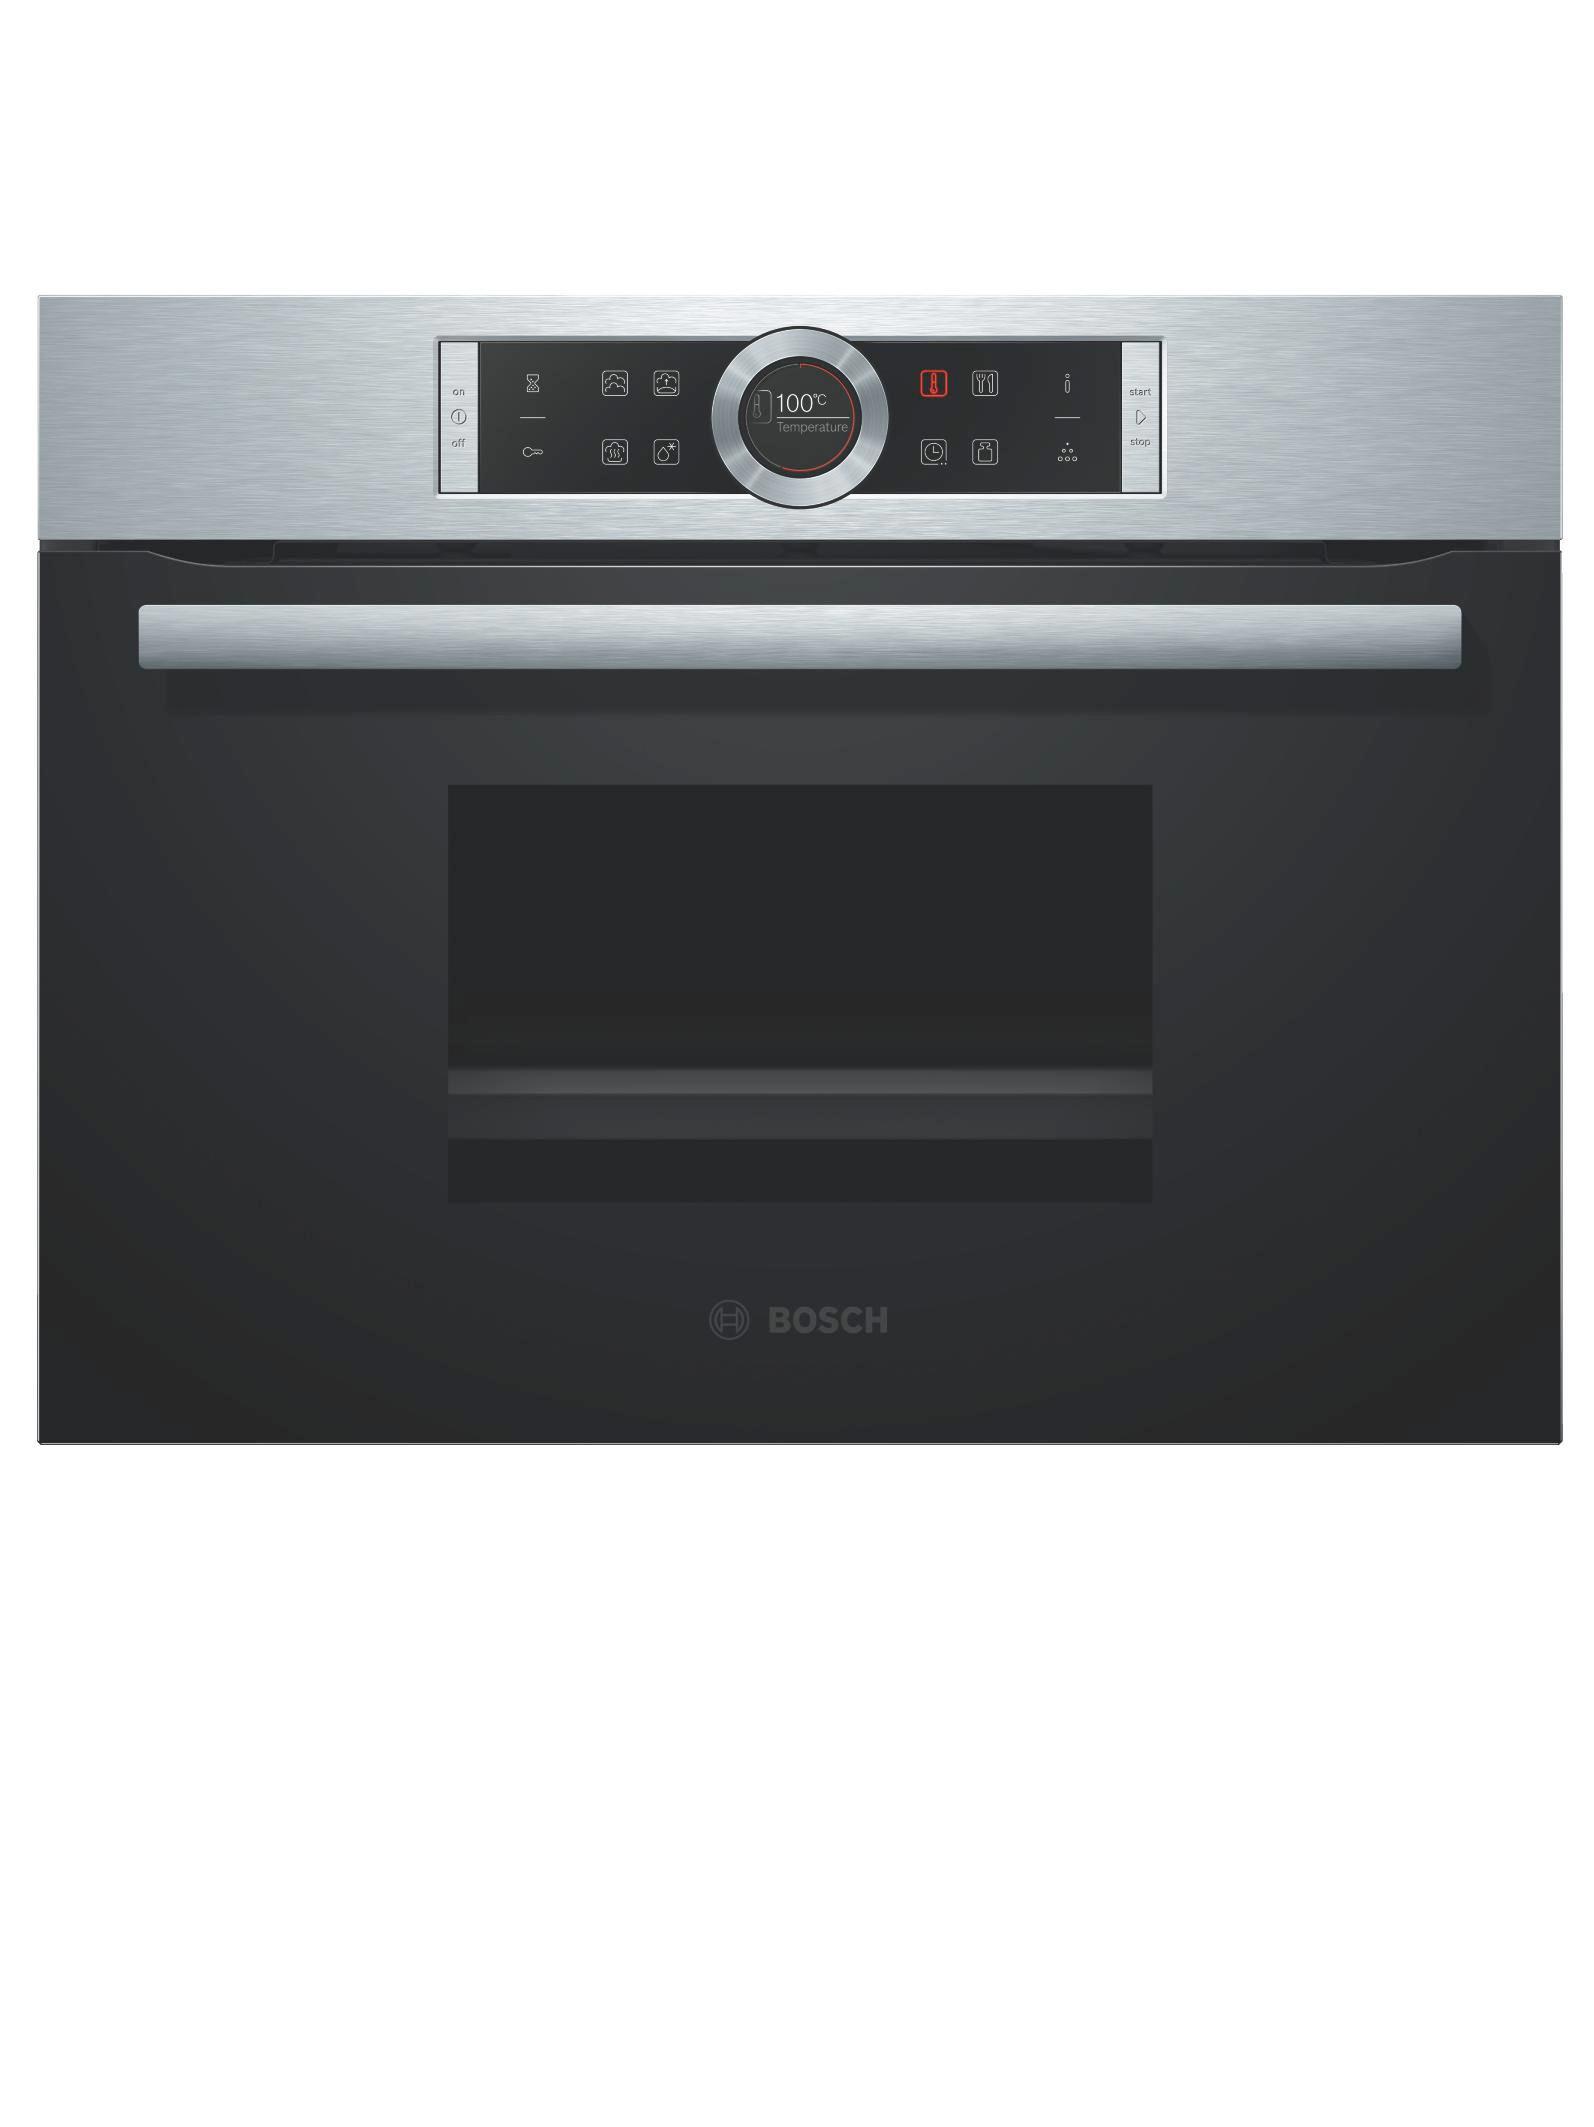 Einbaudampfgarer  Einbaudampfgarer Bosch Cdg634bs1 online kaufen ➤ mömax